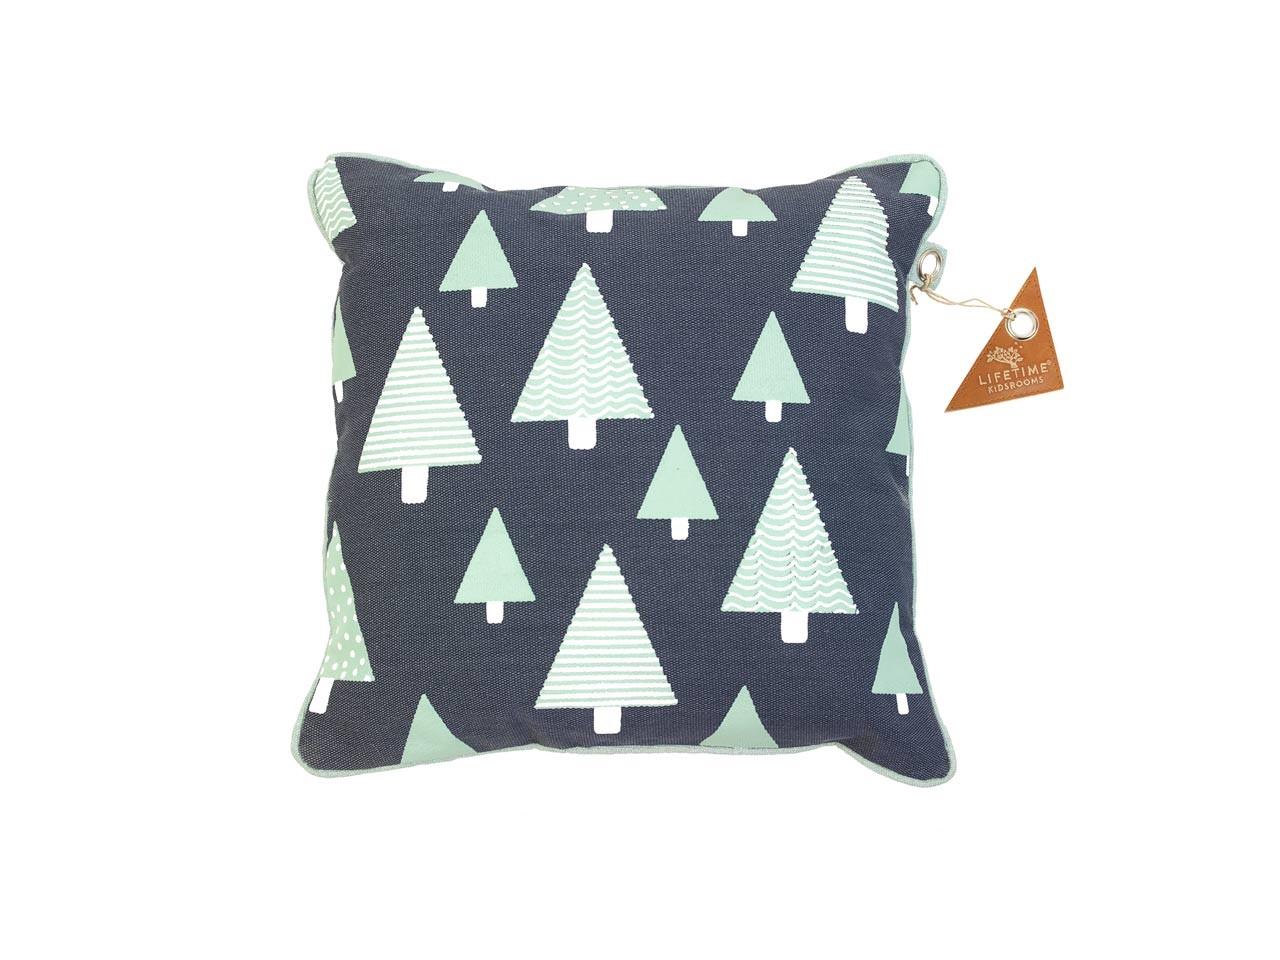 Lifetime Kissen quadratisch Tree Forest Ranger 7536